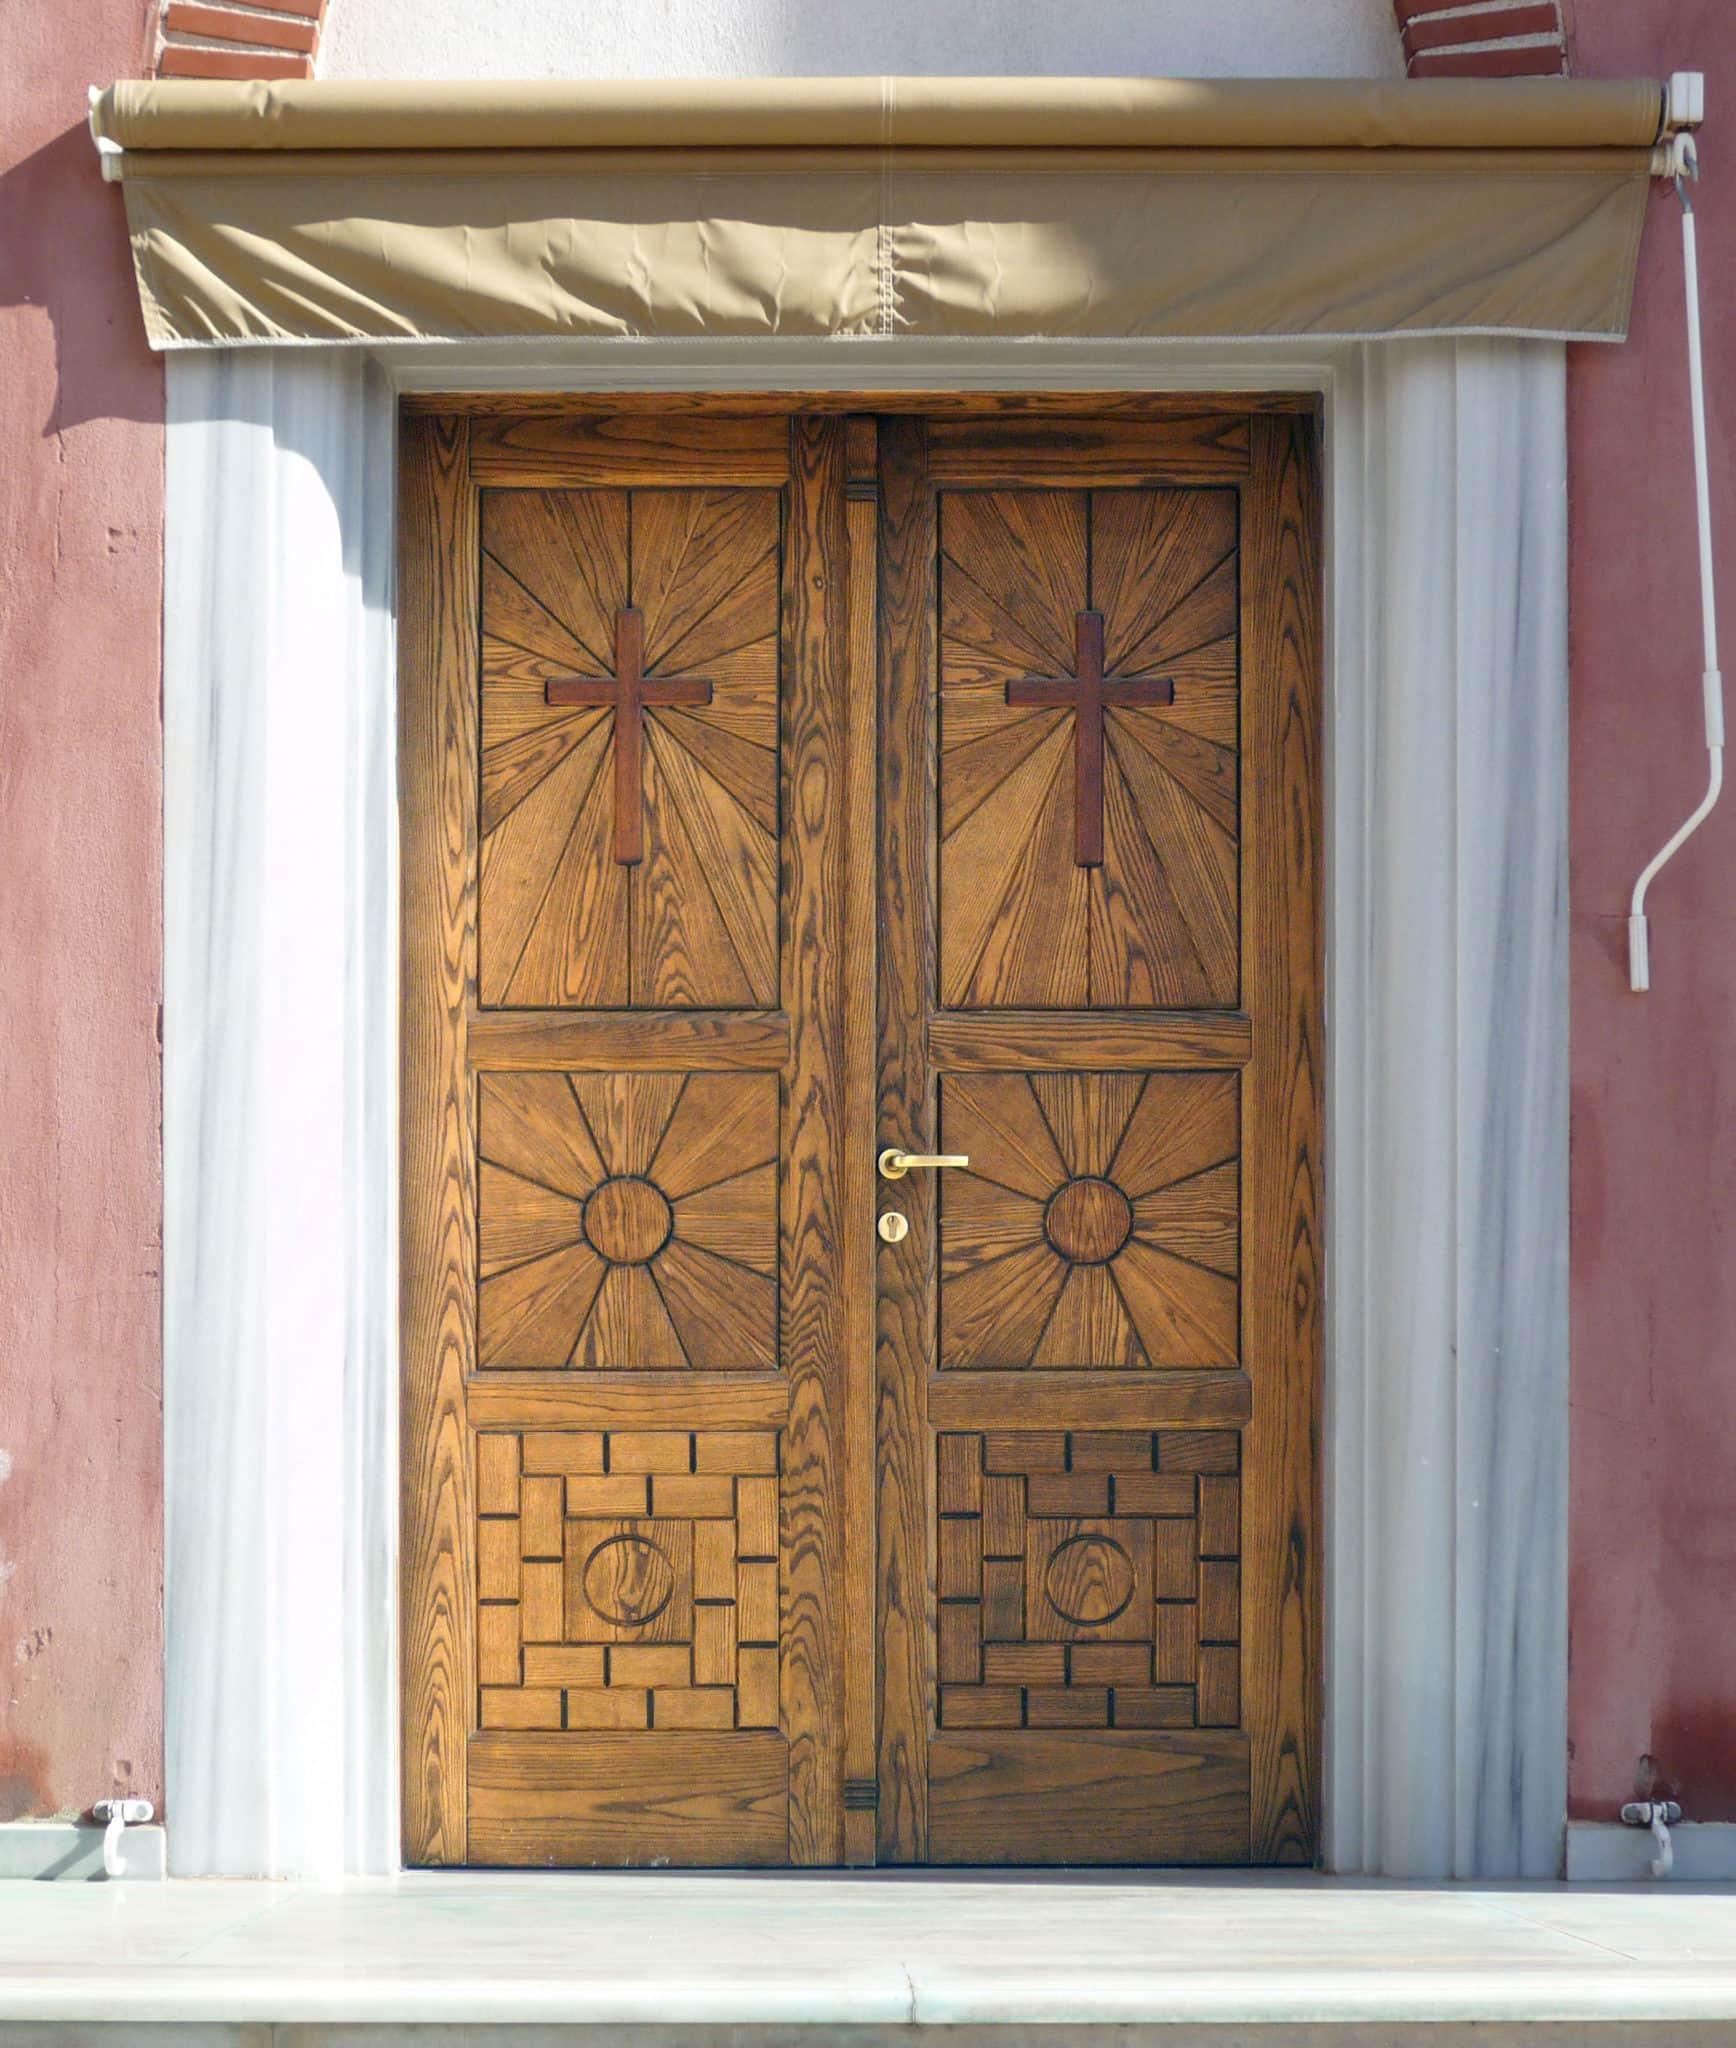 εκκλησιαστική πόρτα με ειδικό σχέδιο